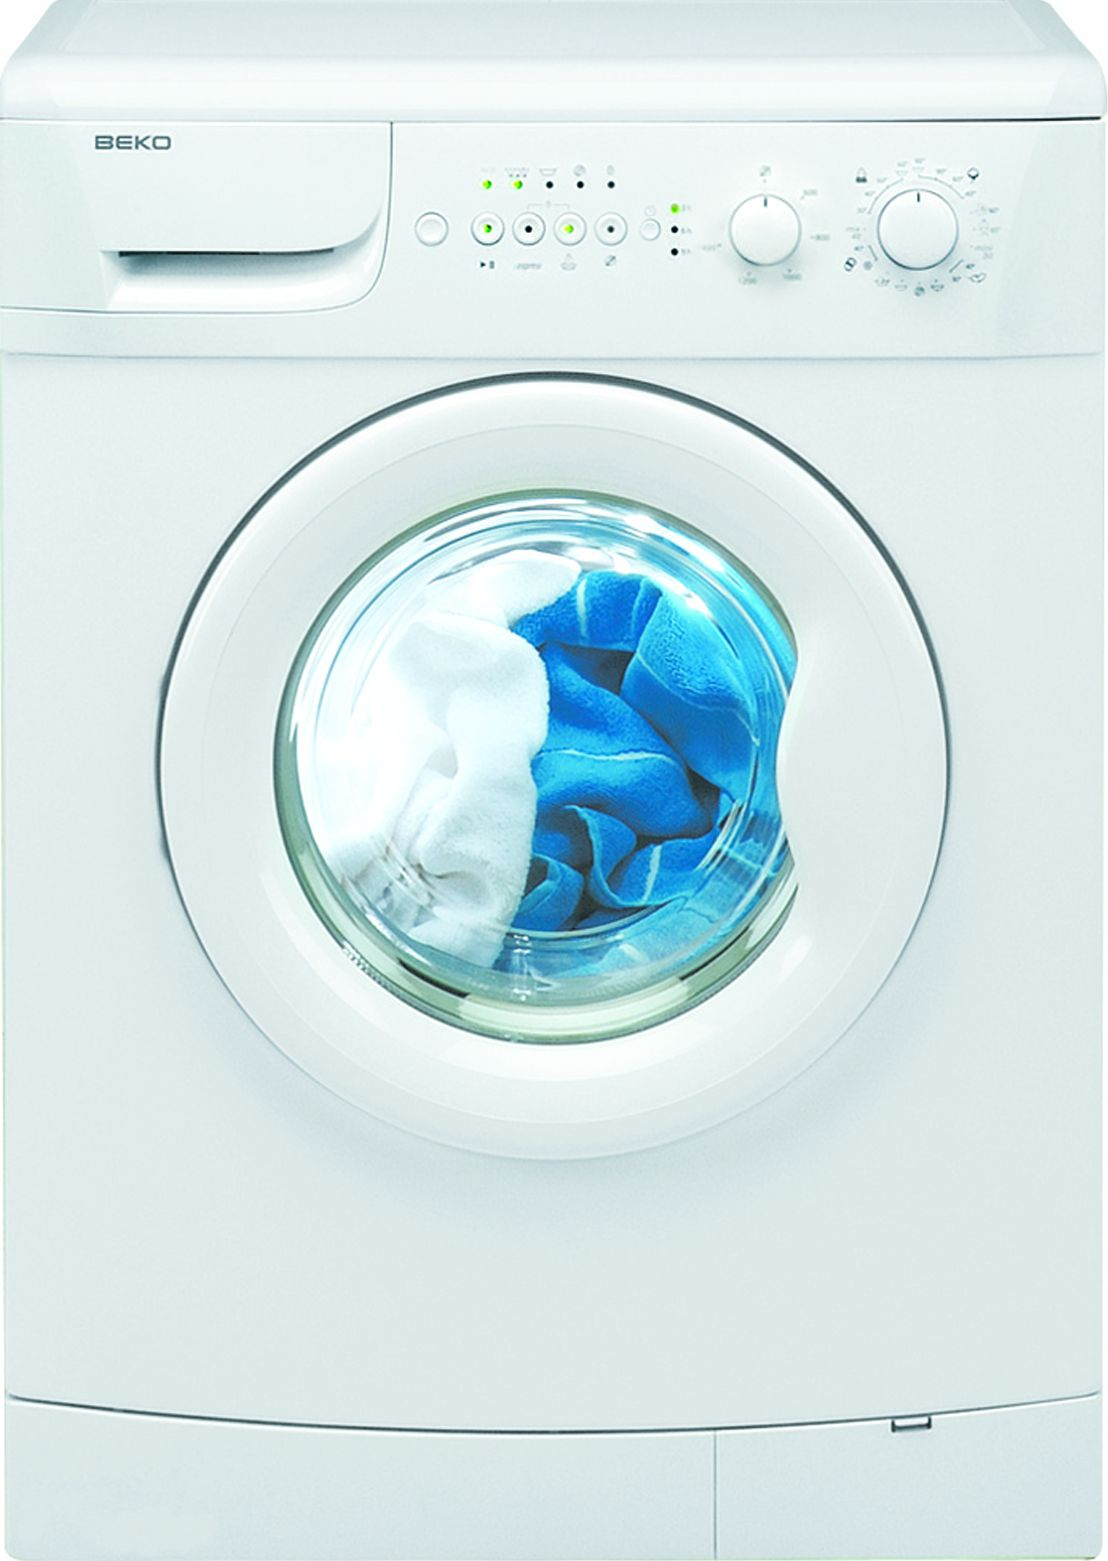 инструкция к стиральной машине веко 3.5 кг wkd 63580